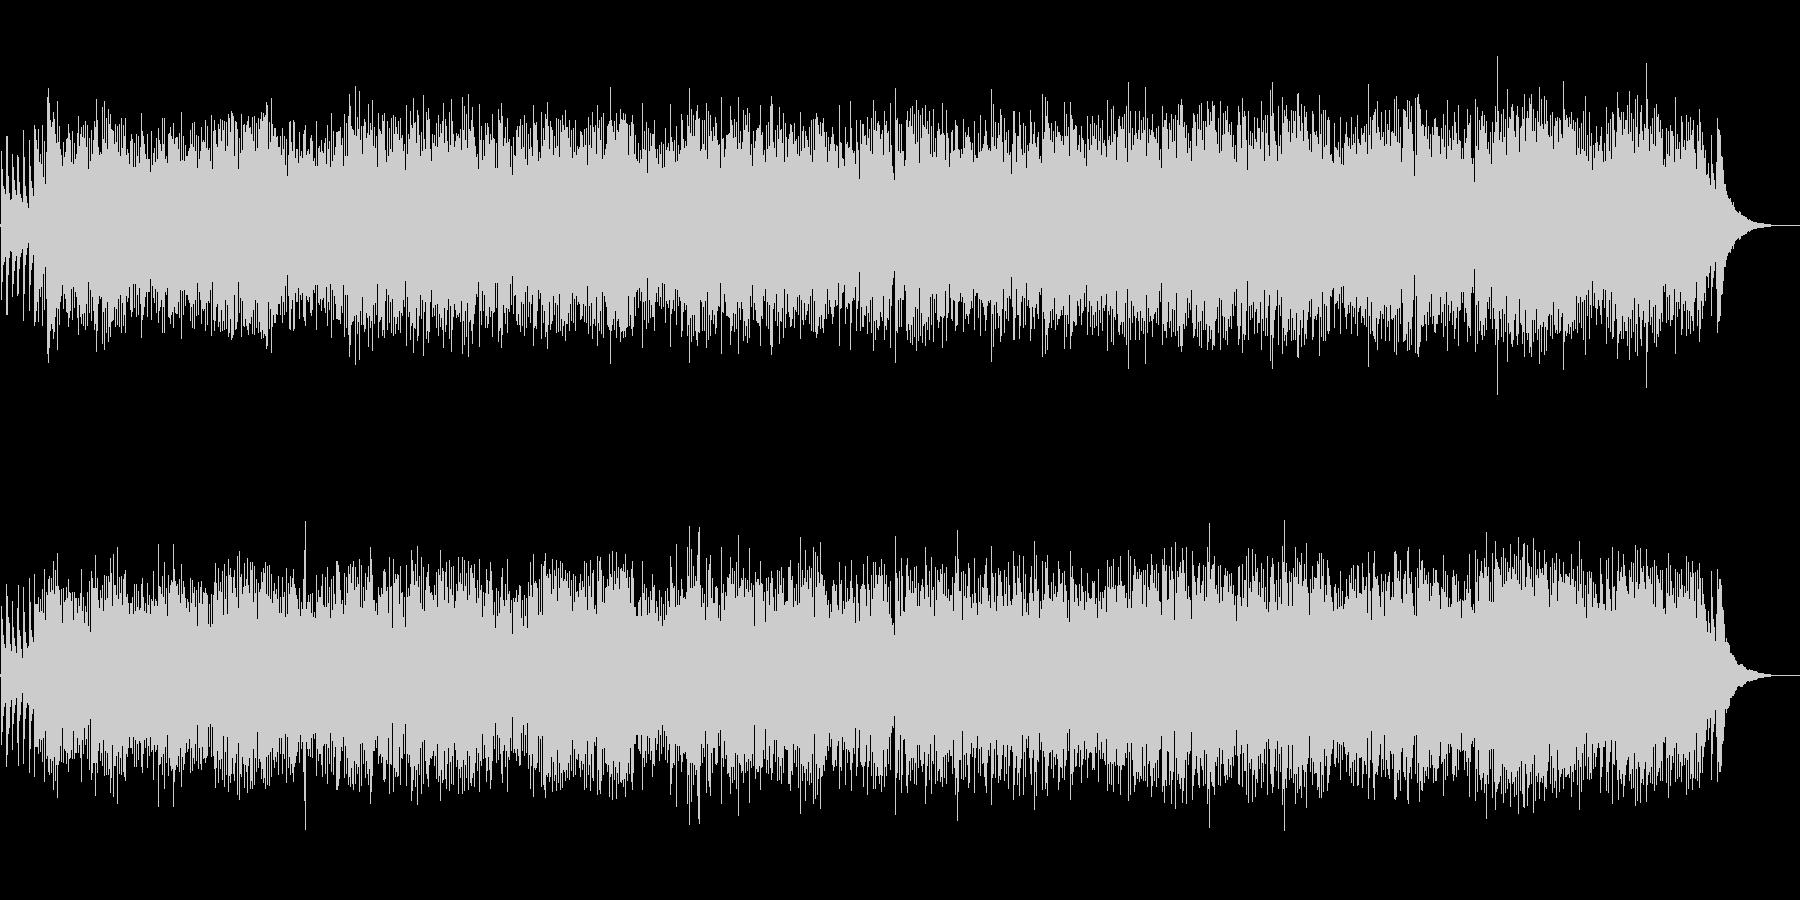 猫のフーガ チェンバロ スカルラッティの未再生の波形